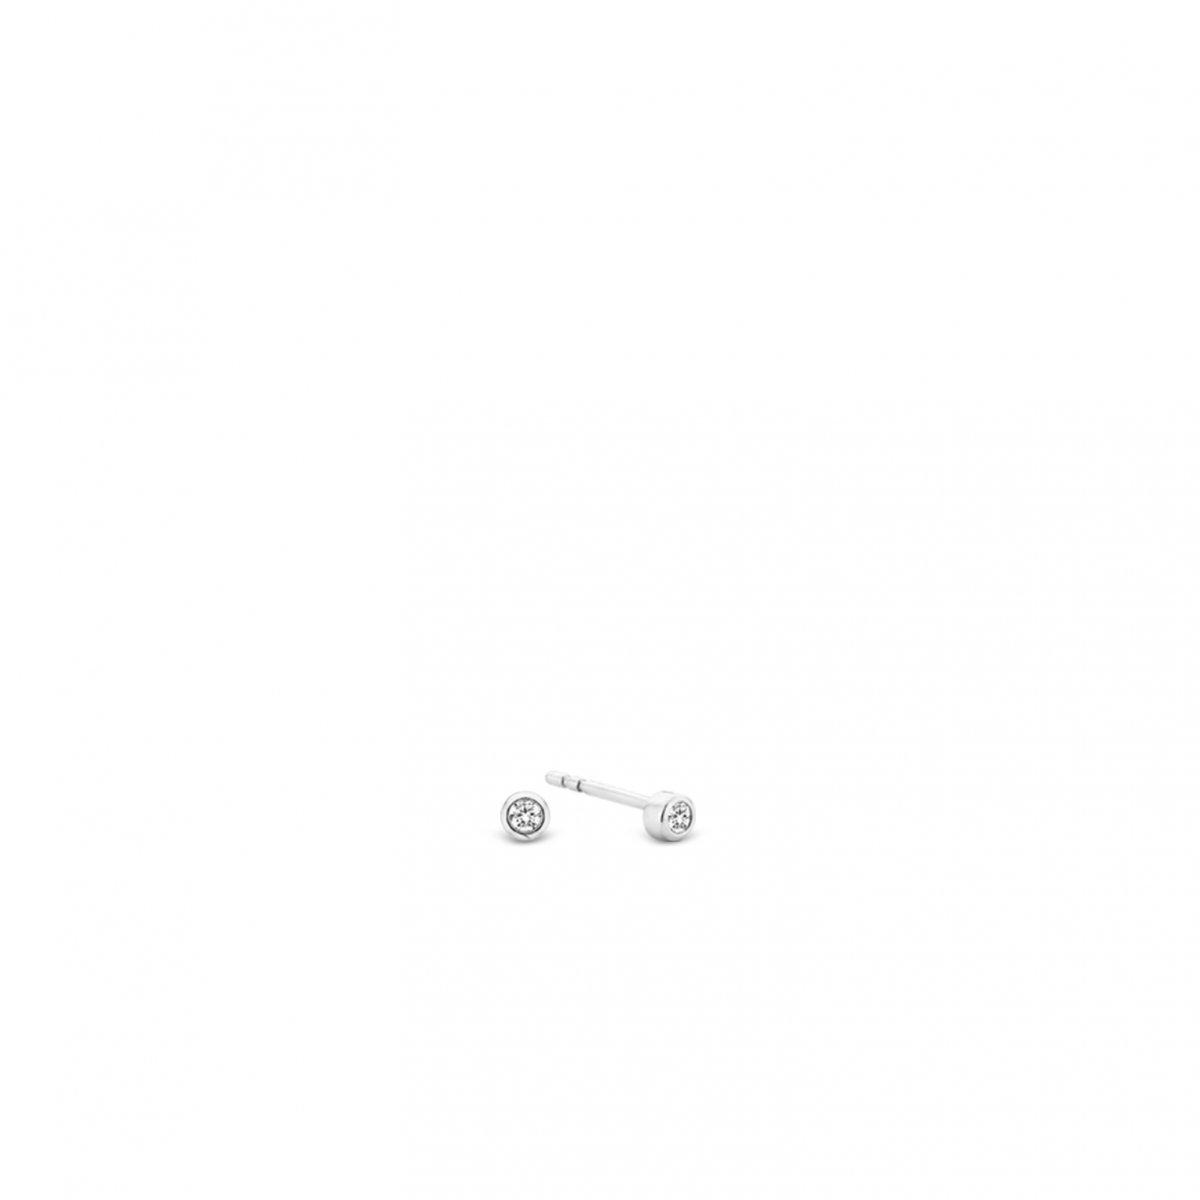 Strieborné náušnice TI SENTO so zirkónom